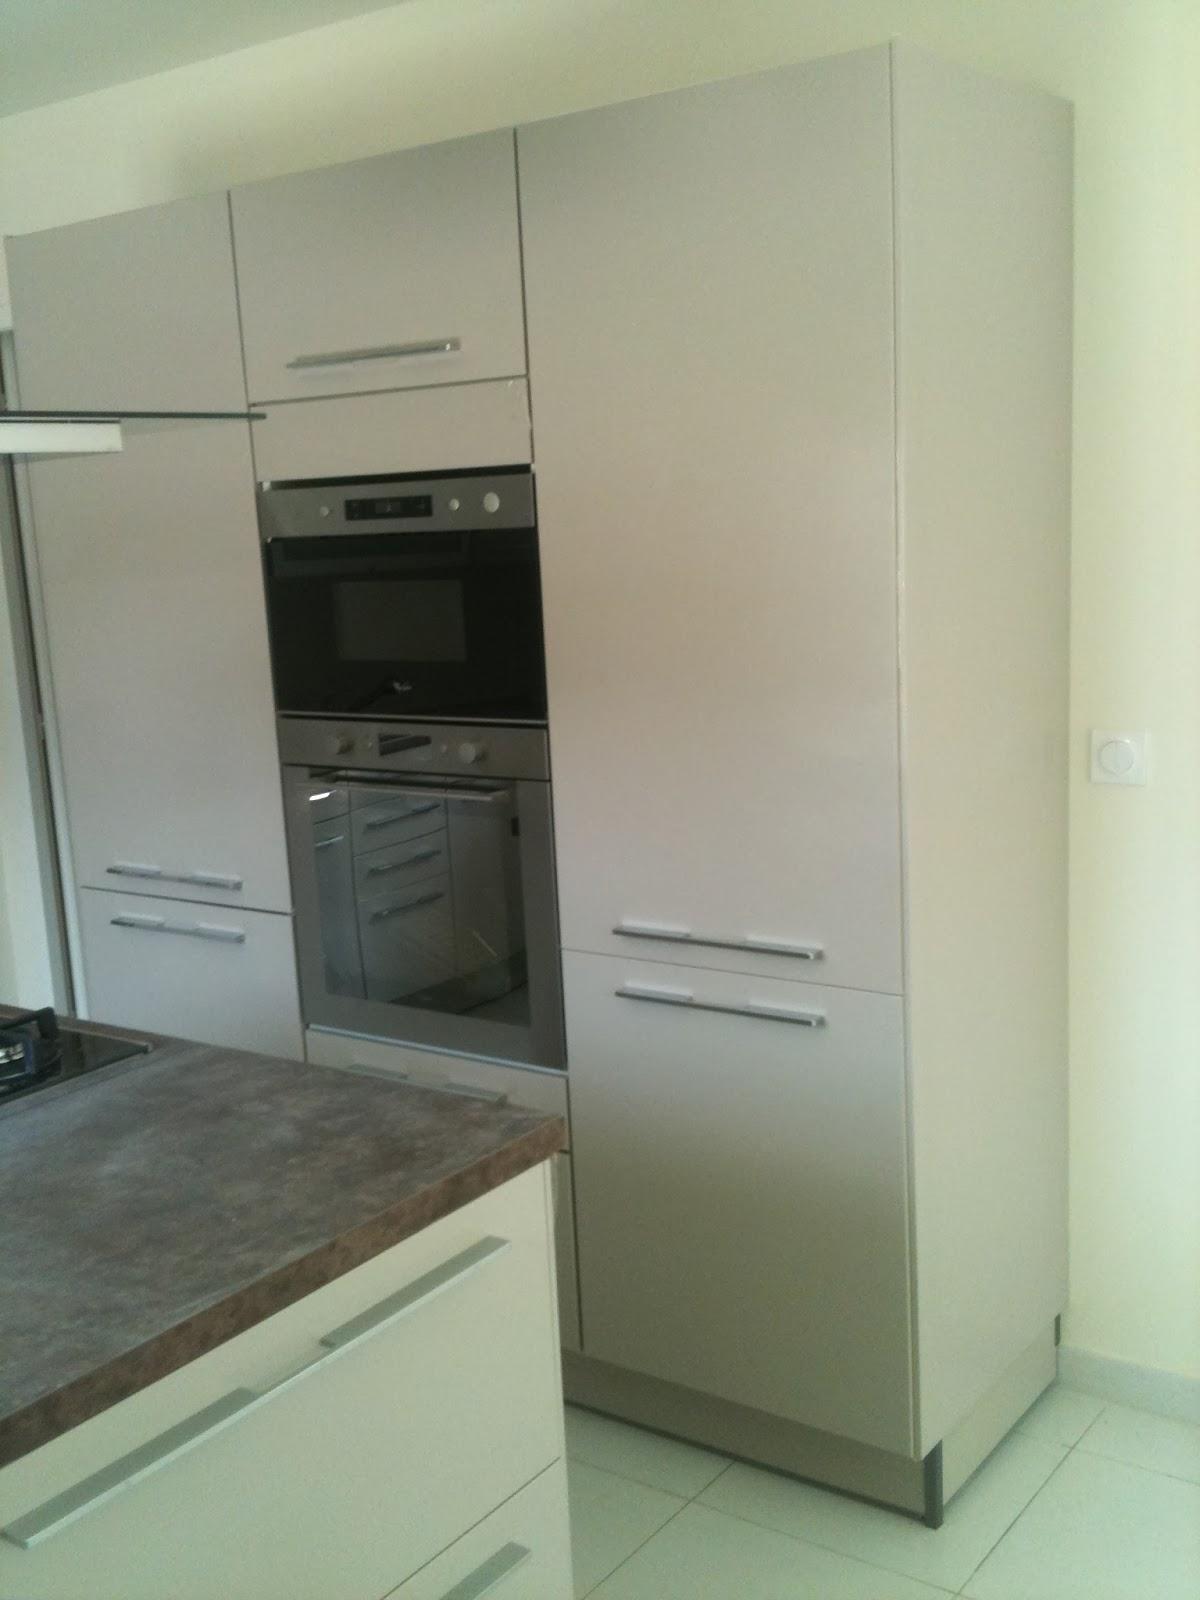 lcch pose de cuisine avec hotte centrale et carrelages. Black Bedroom Furniture Sets. Home Design Ideas